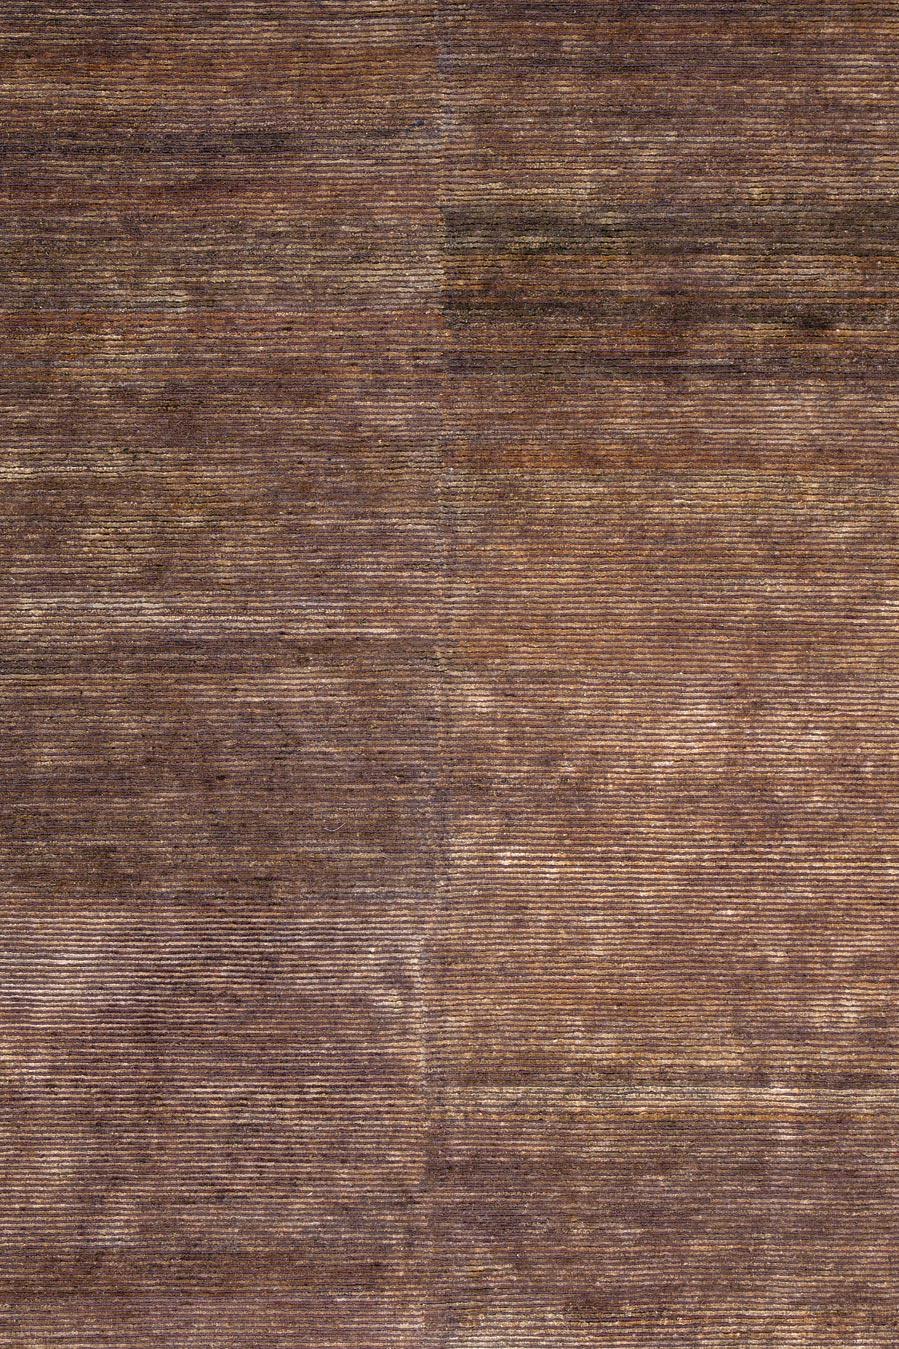 tapis laine et chanvre d grad beige et fauve ligne pure tapis contemporains fabriqu s la. Black Bedroom Furniture Sets. Home Design Ideas